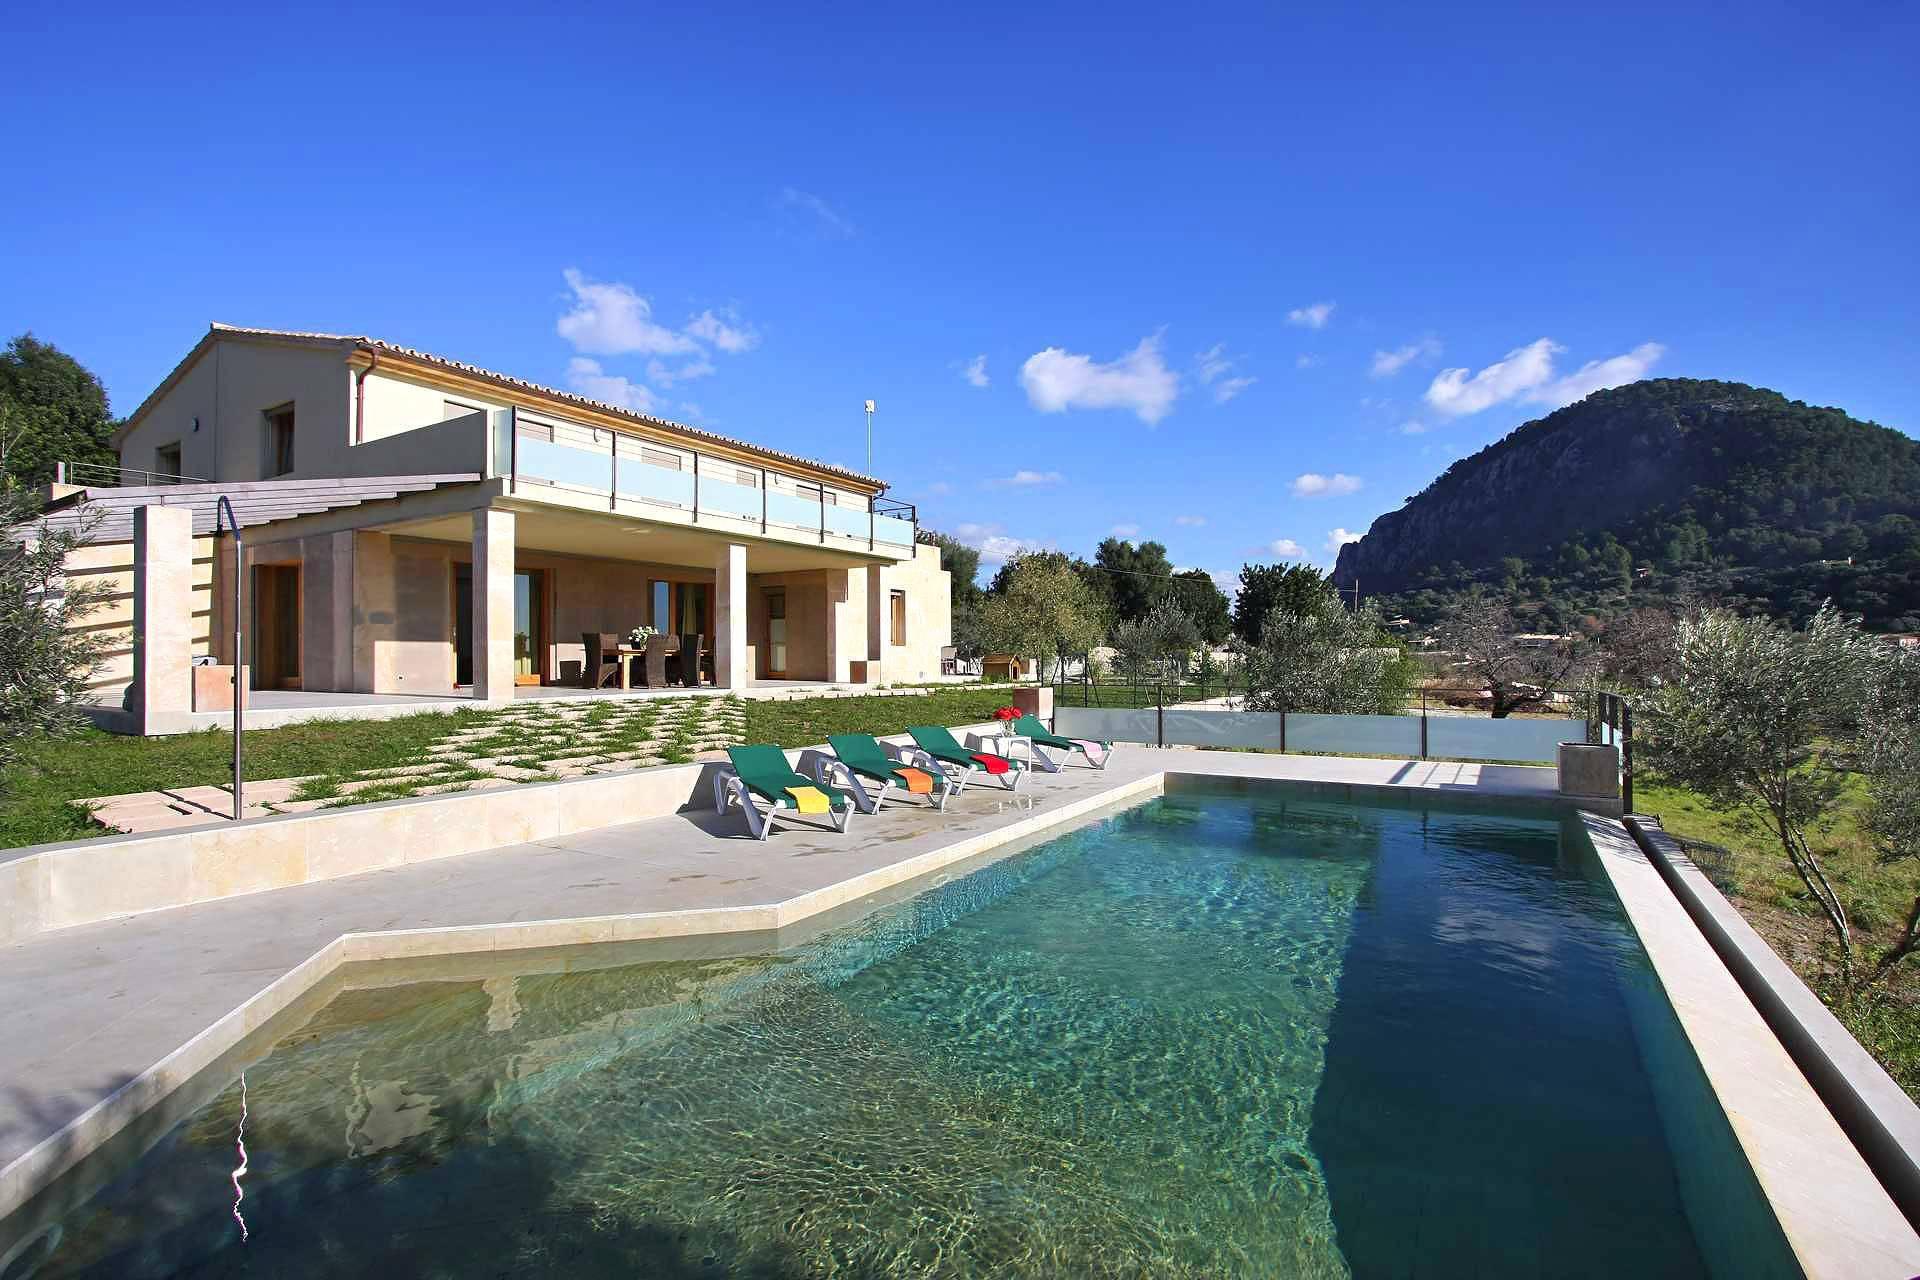 01-36 classic Villa Mallorca north Bild 3